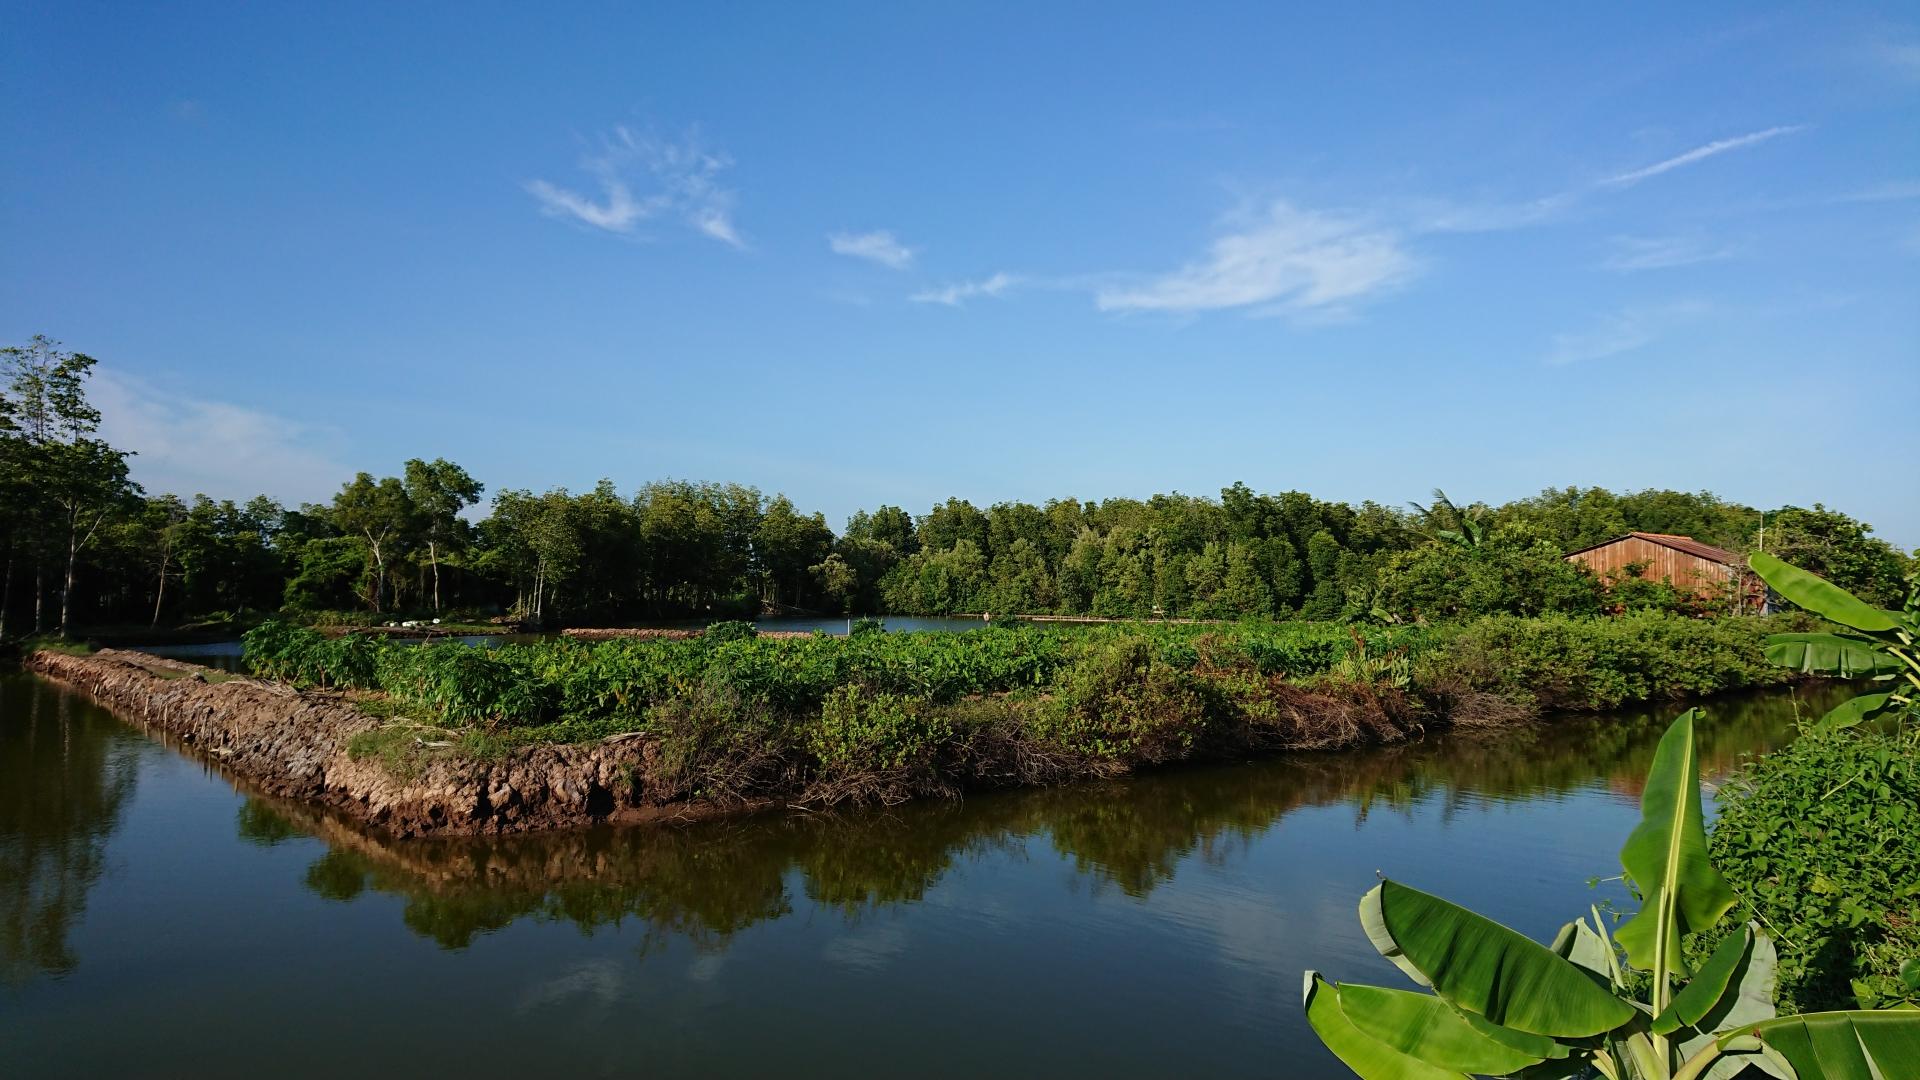 Phân tích hệ sinh thái rừng ngập mặn đối với nuôi trồng thủy sản ở Việt Nam